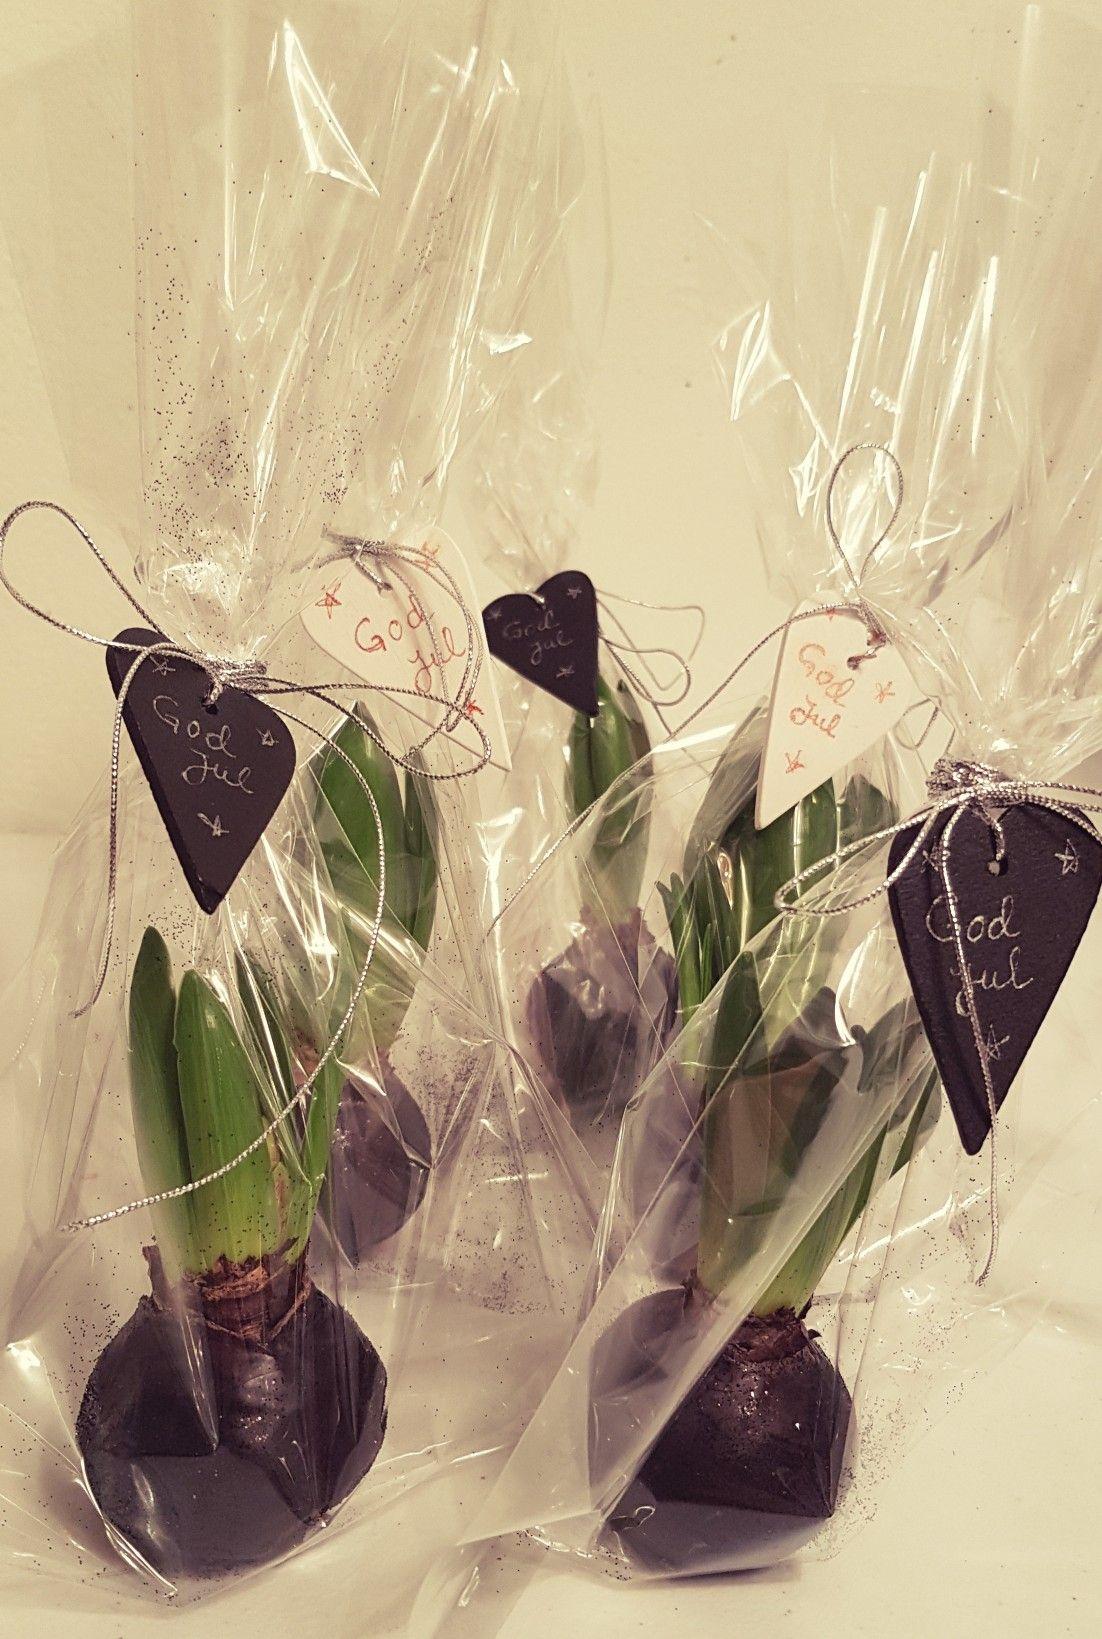 Gi Room Design: Svibel (Hyacinth) Med Voks Og Glitter. Pakket Inn I